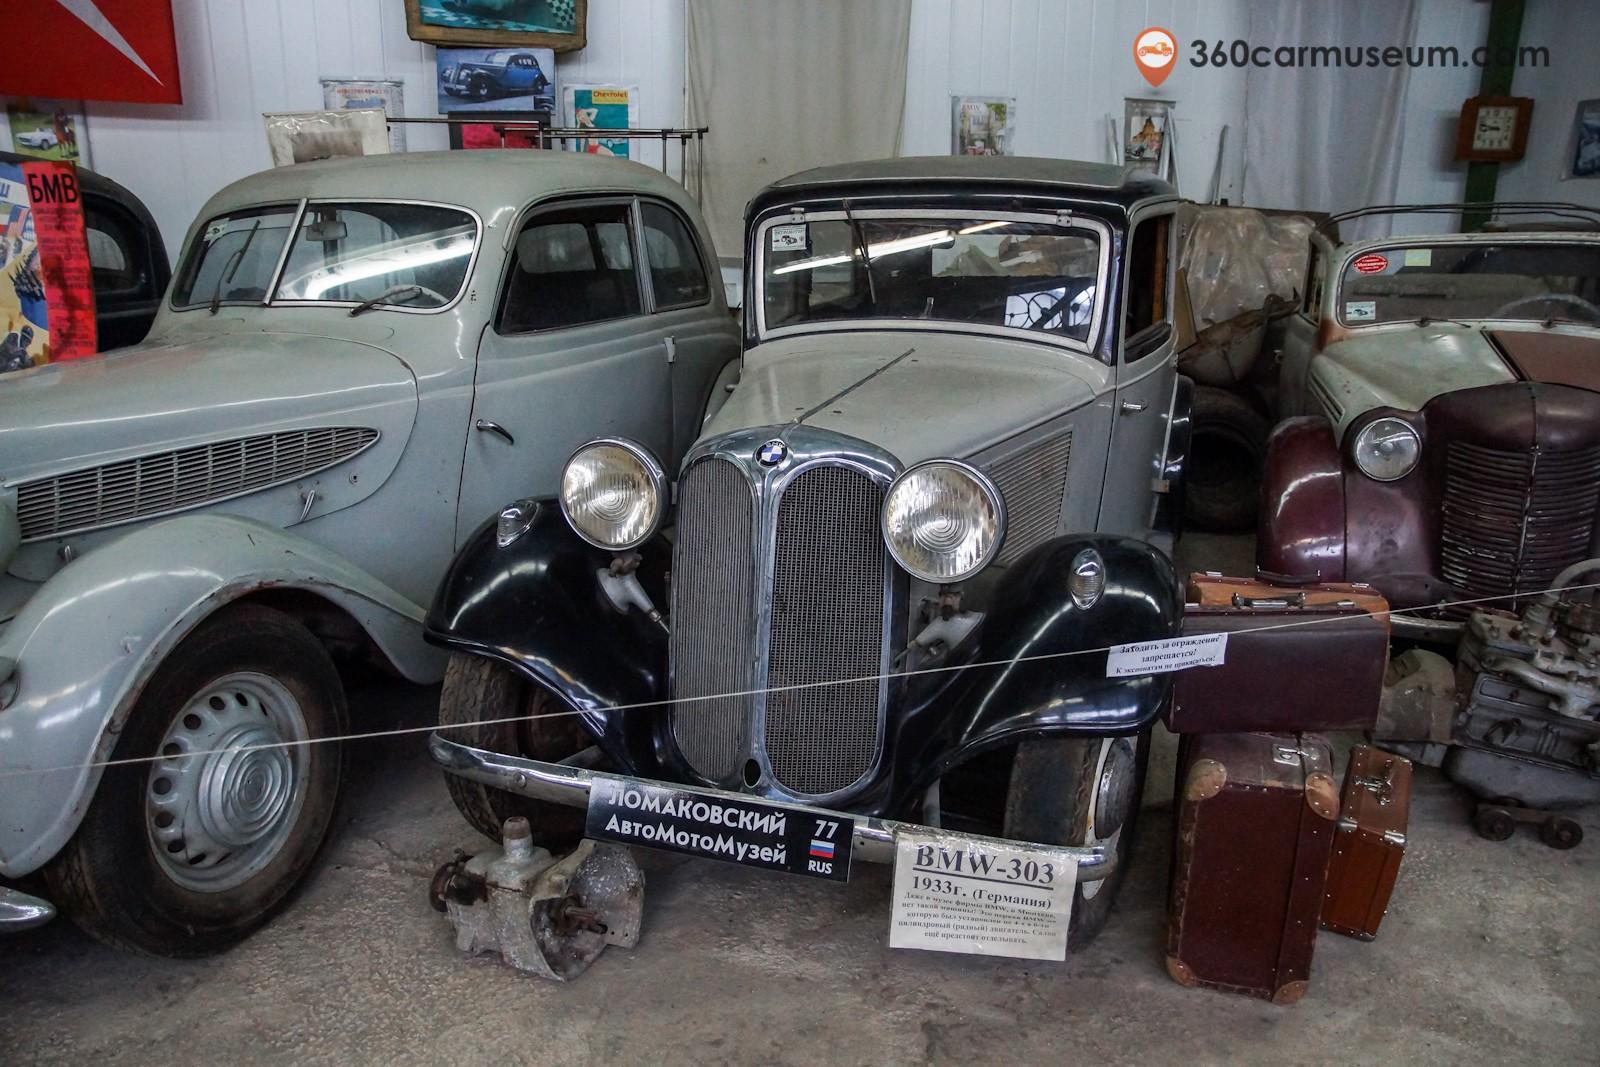 1933 BMW 303 - museum exhibit | 360CarMuseum.com